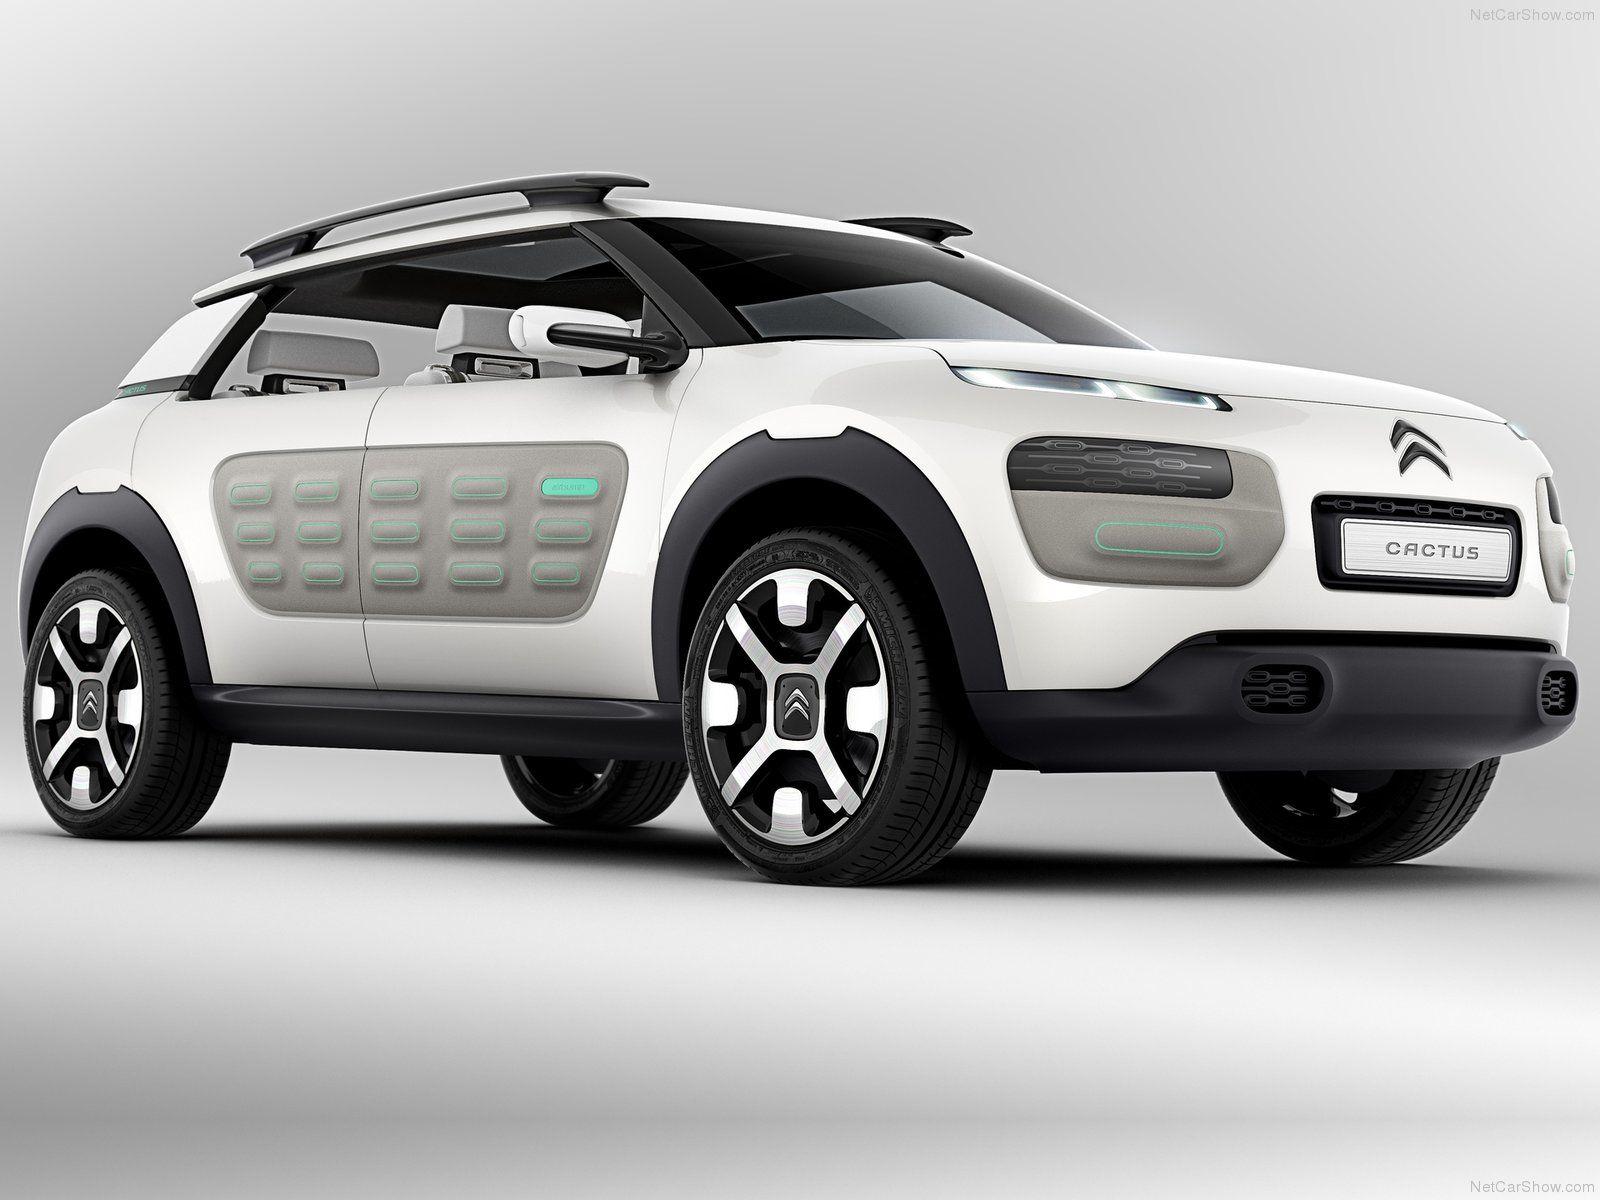 Citroen Cactus Concept 2013 1600x1200 Wallpaper 04 Suv Jeep Suv